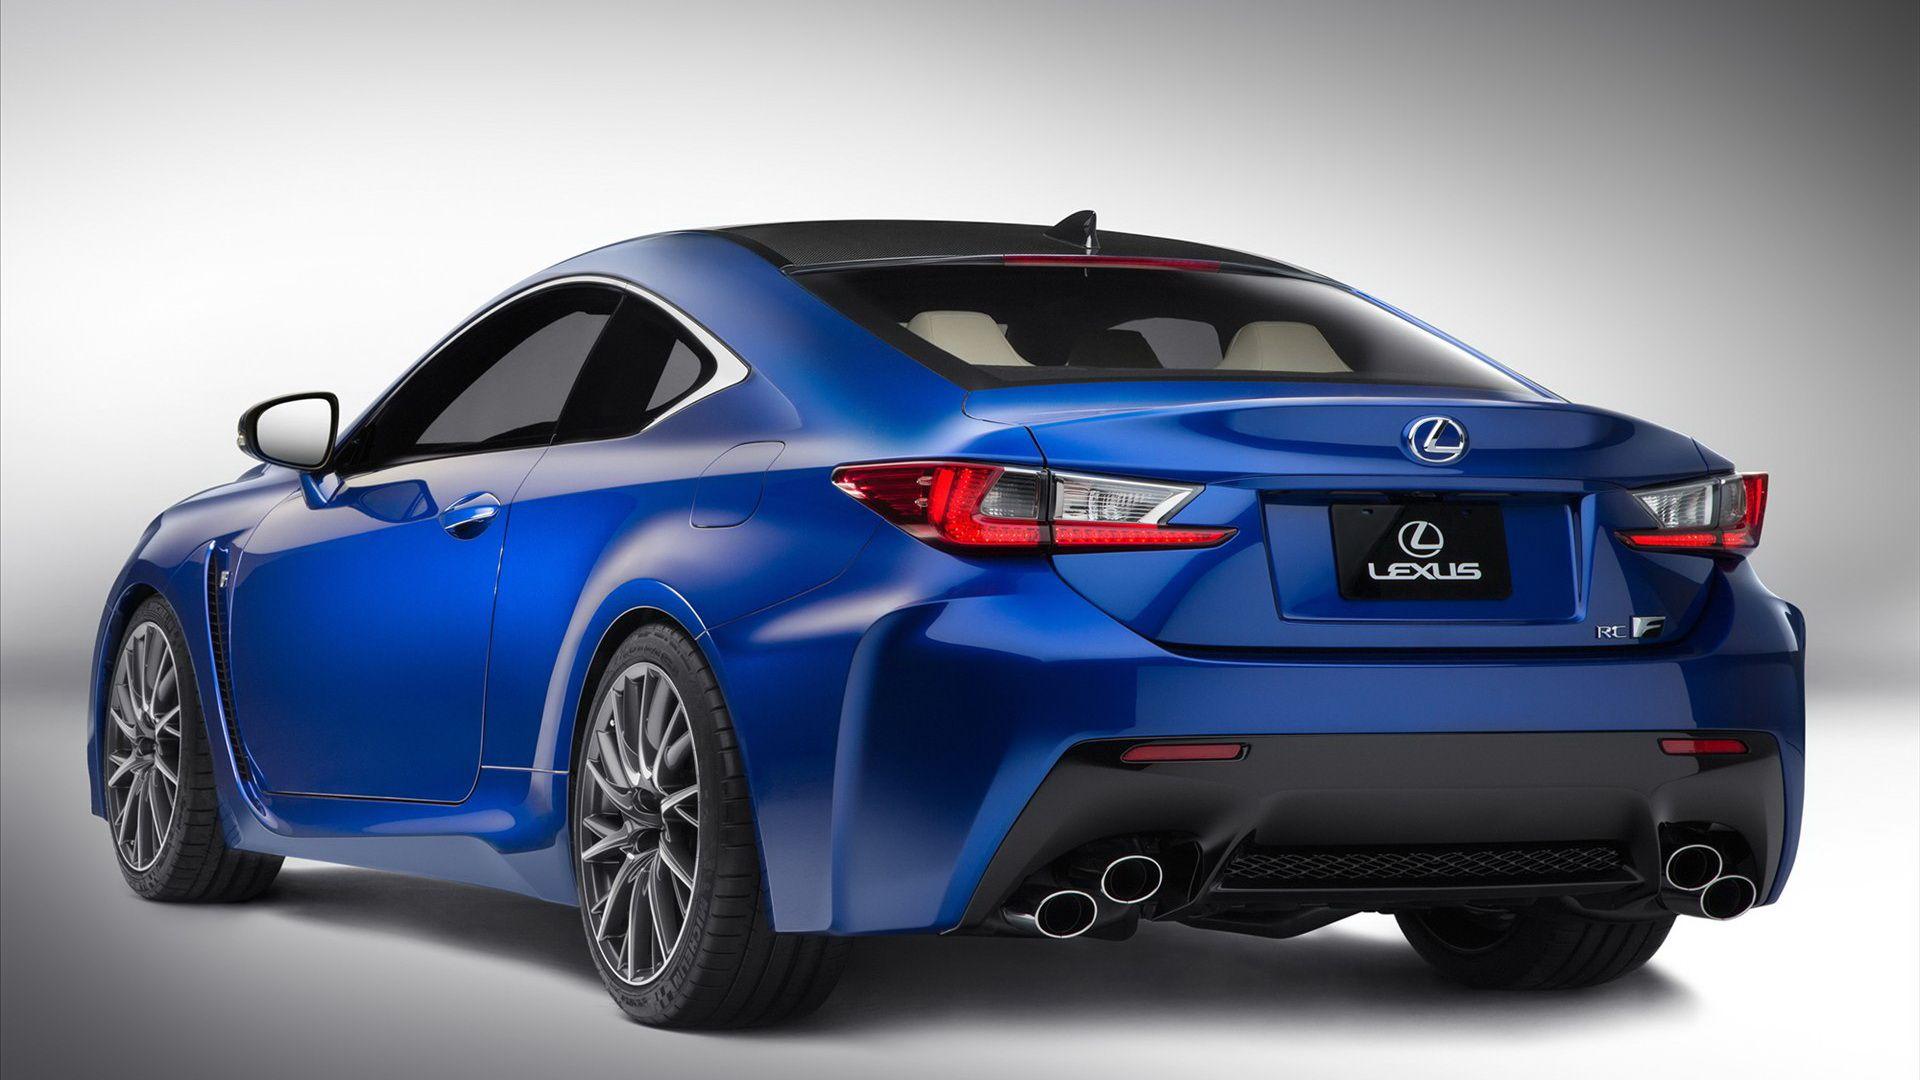 lexus sports car models  2015 sports cars2015 Lexus RC F sports